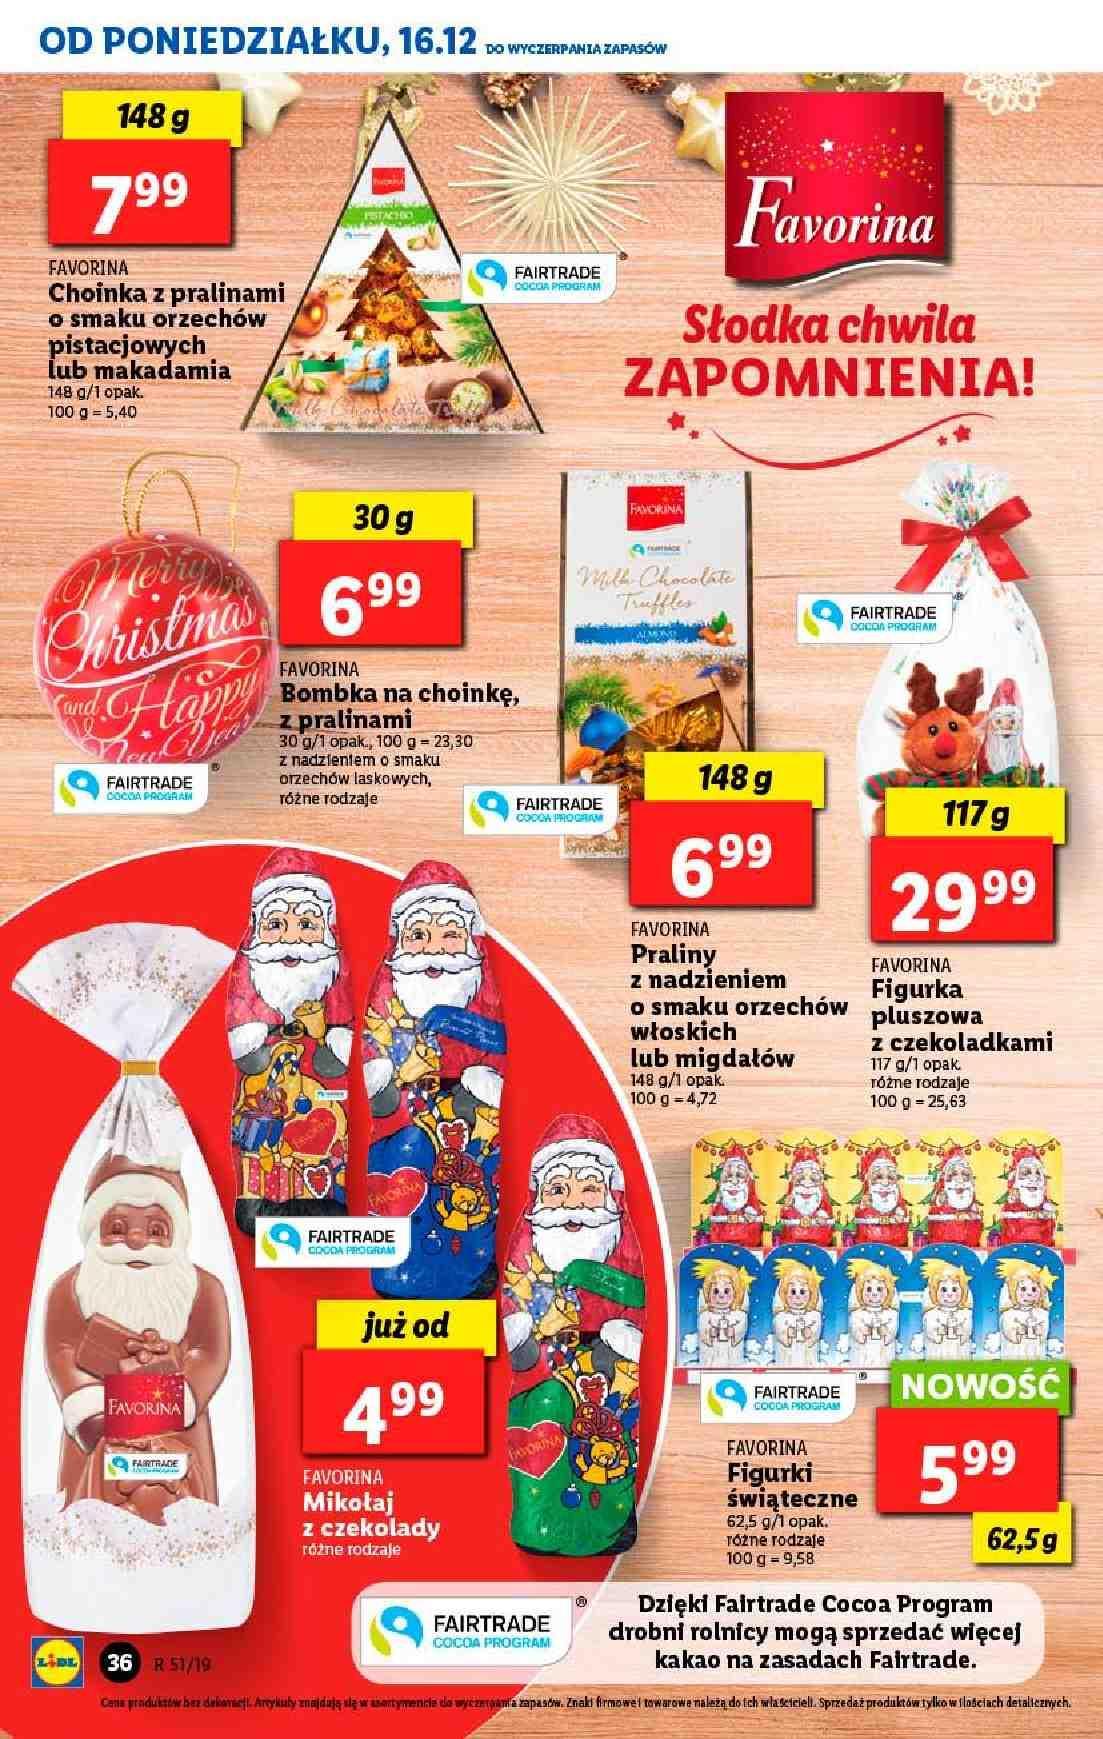 Gazetka promocyjna Lidl do 18/12/2019 str.36